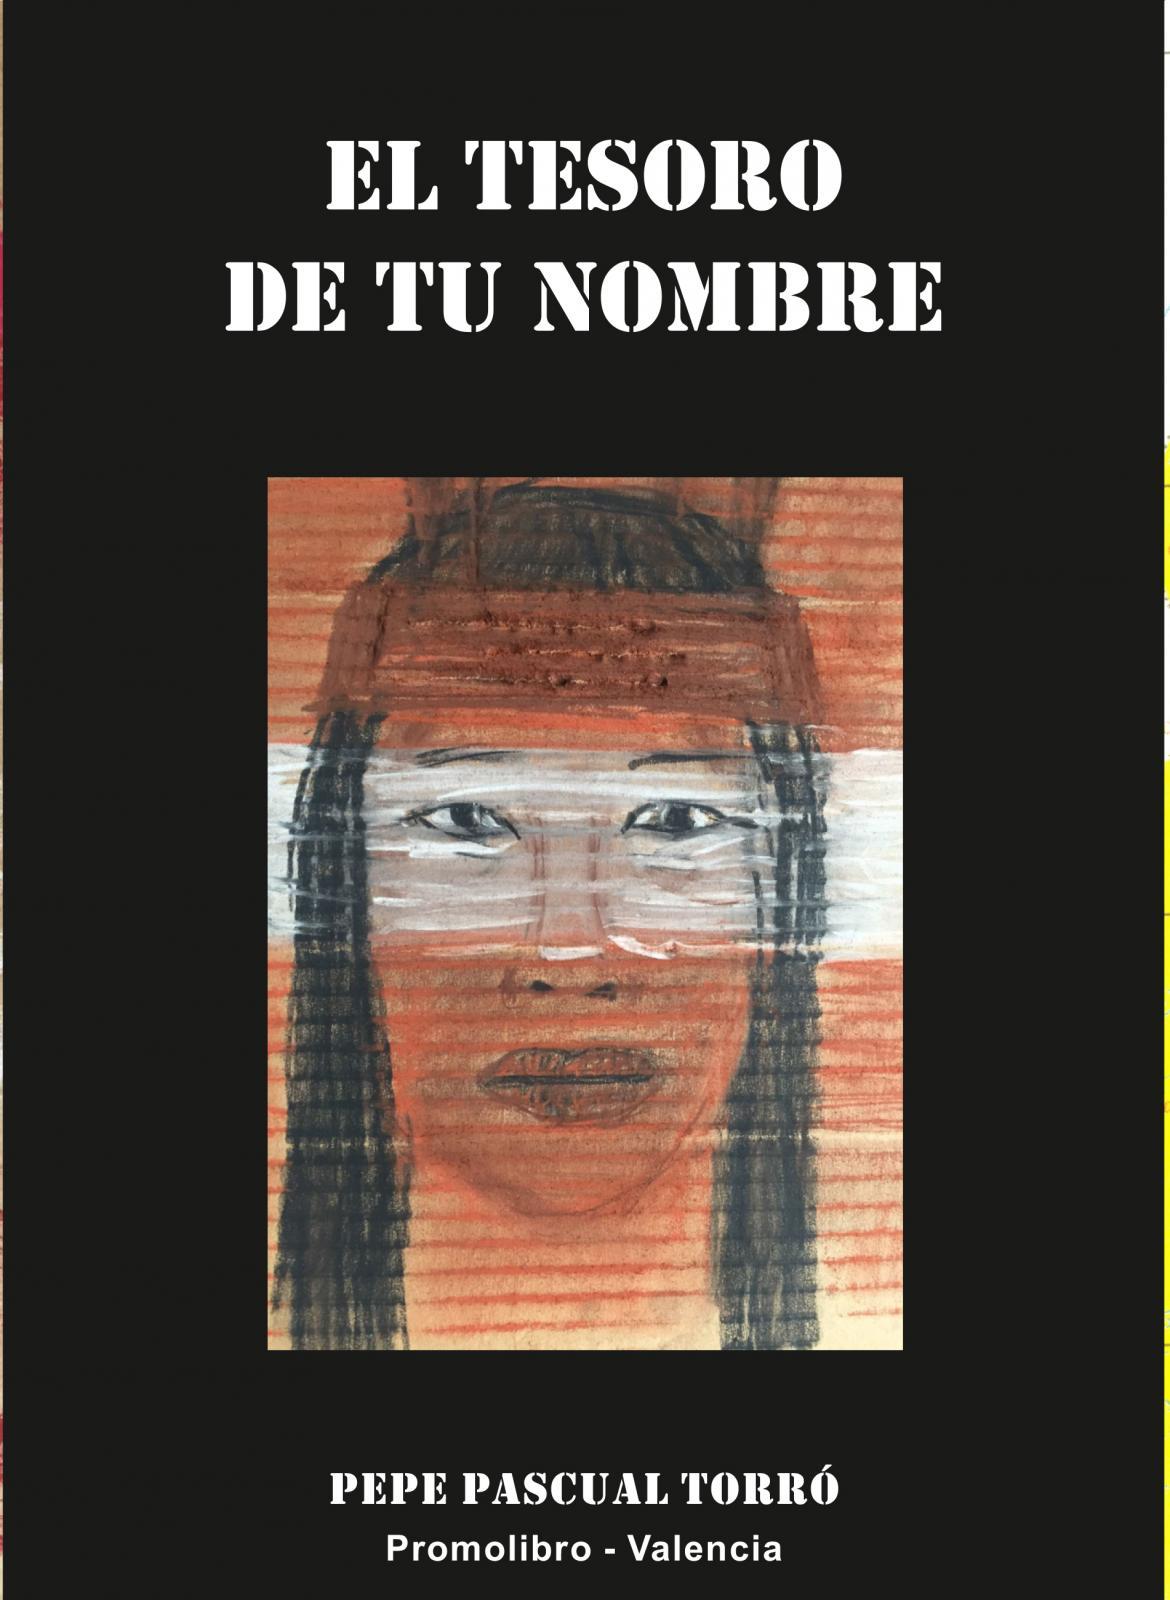 EL TESORO DE TU NOMBRE. Relato de una búsqueda en la selva amazónica del río Ucayali.